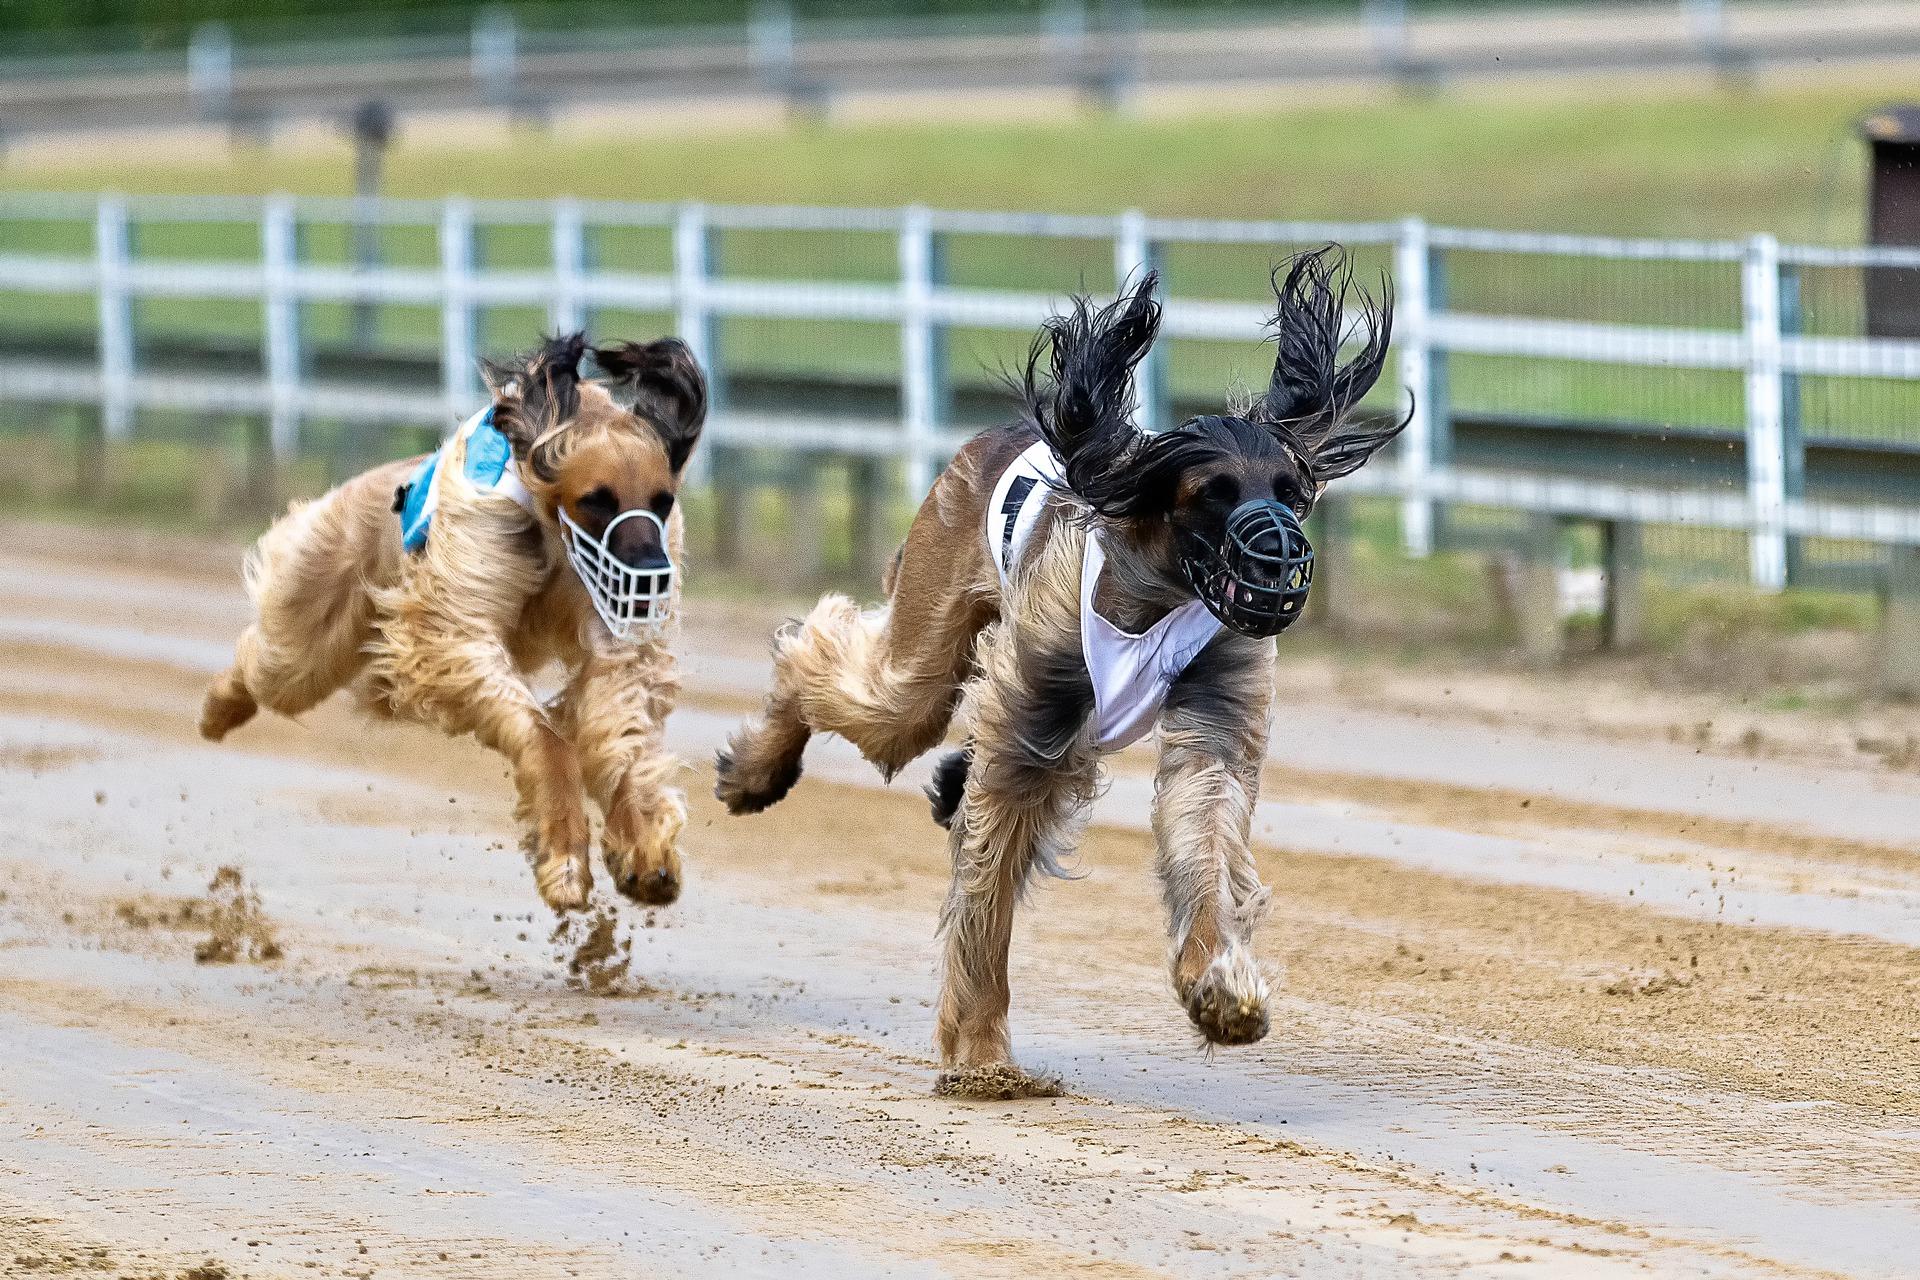 """Carreras de perros - Las carreras de perros son un """"deporte"""" cruel"""